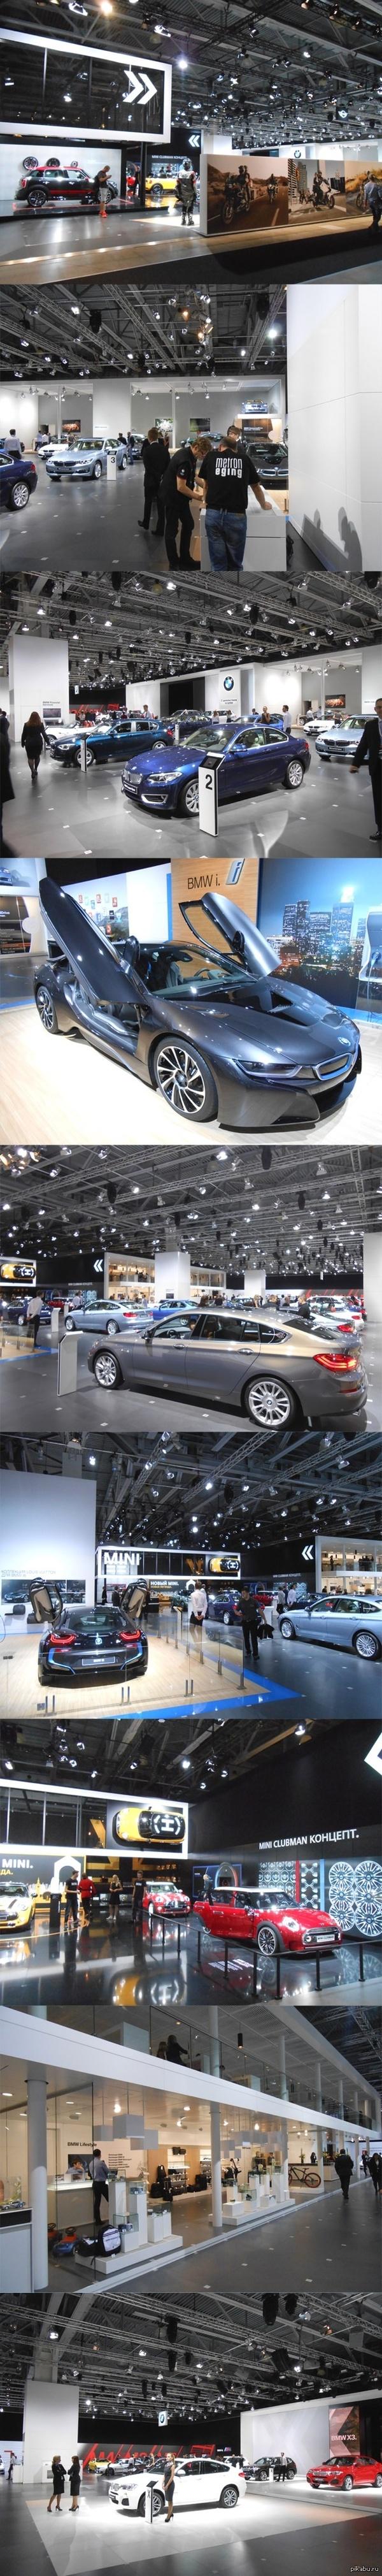 ММАС. Бизнес-день. 5 зал Наличие двух подписчиков заставило взять сегодня фотоаппарат. Зал 5. Этот зал полностью сняла под свои бренды BMW.